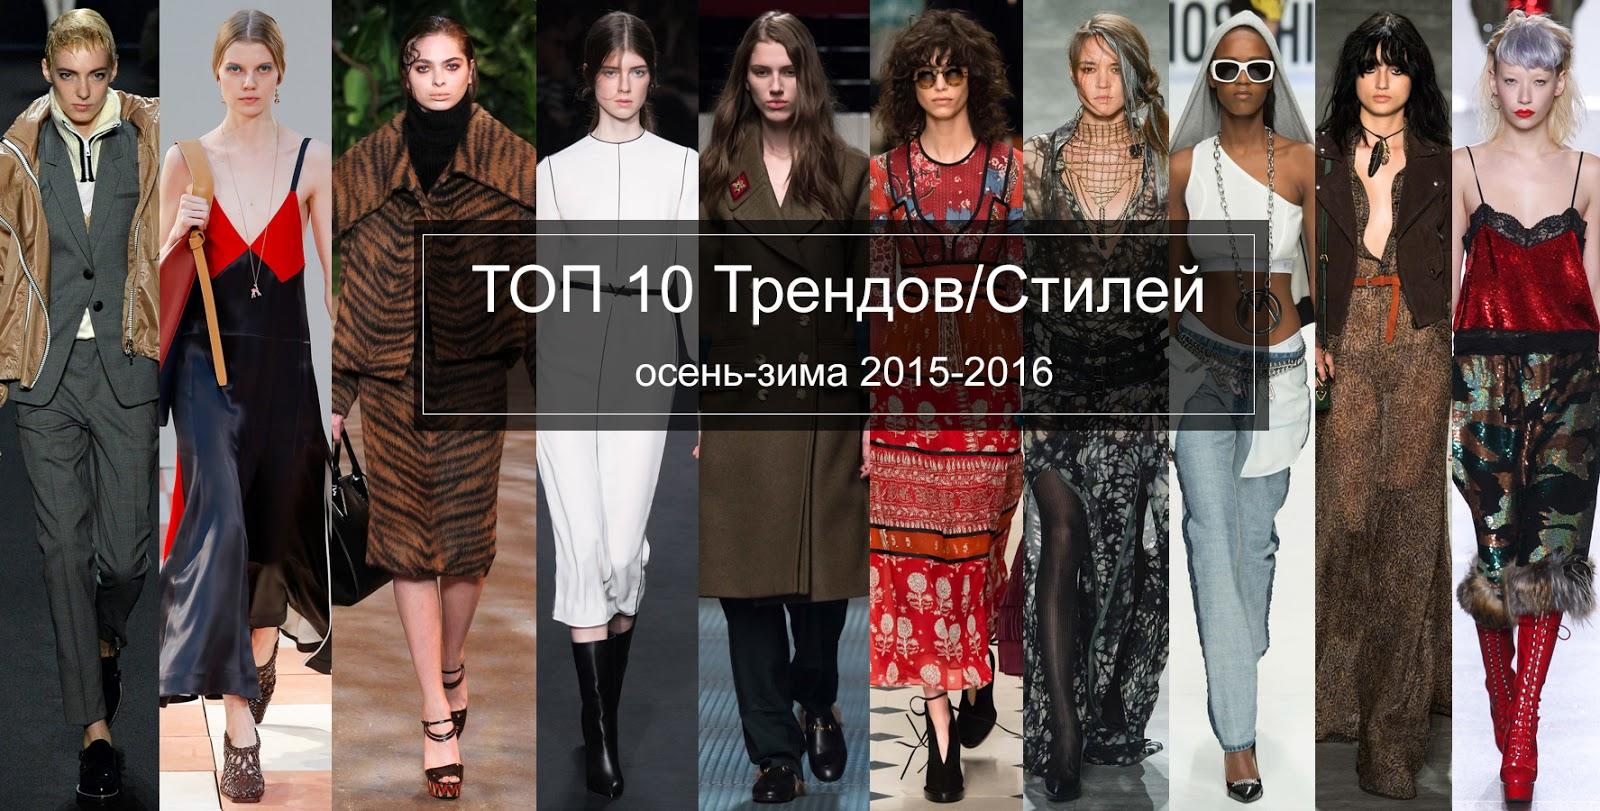 модная одежда, korean fashion, основы корейской моды, корейская мода, корейские бренды, тренд осень-зима 2016, мода 2016, стиль 2015-2016, осень-зима 2015-2016